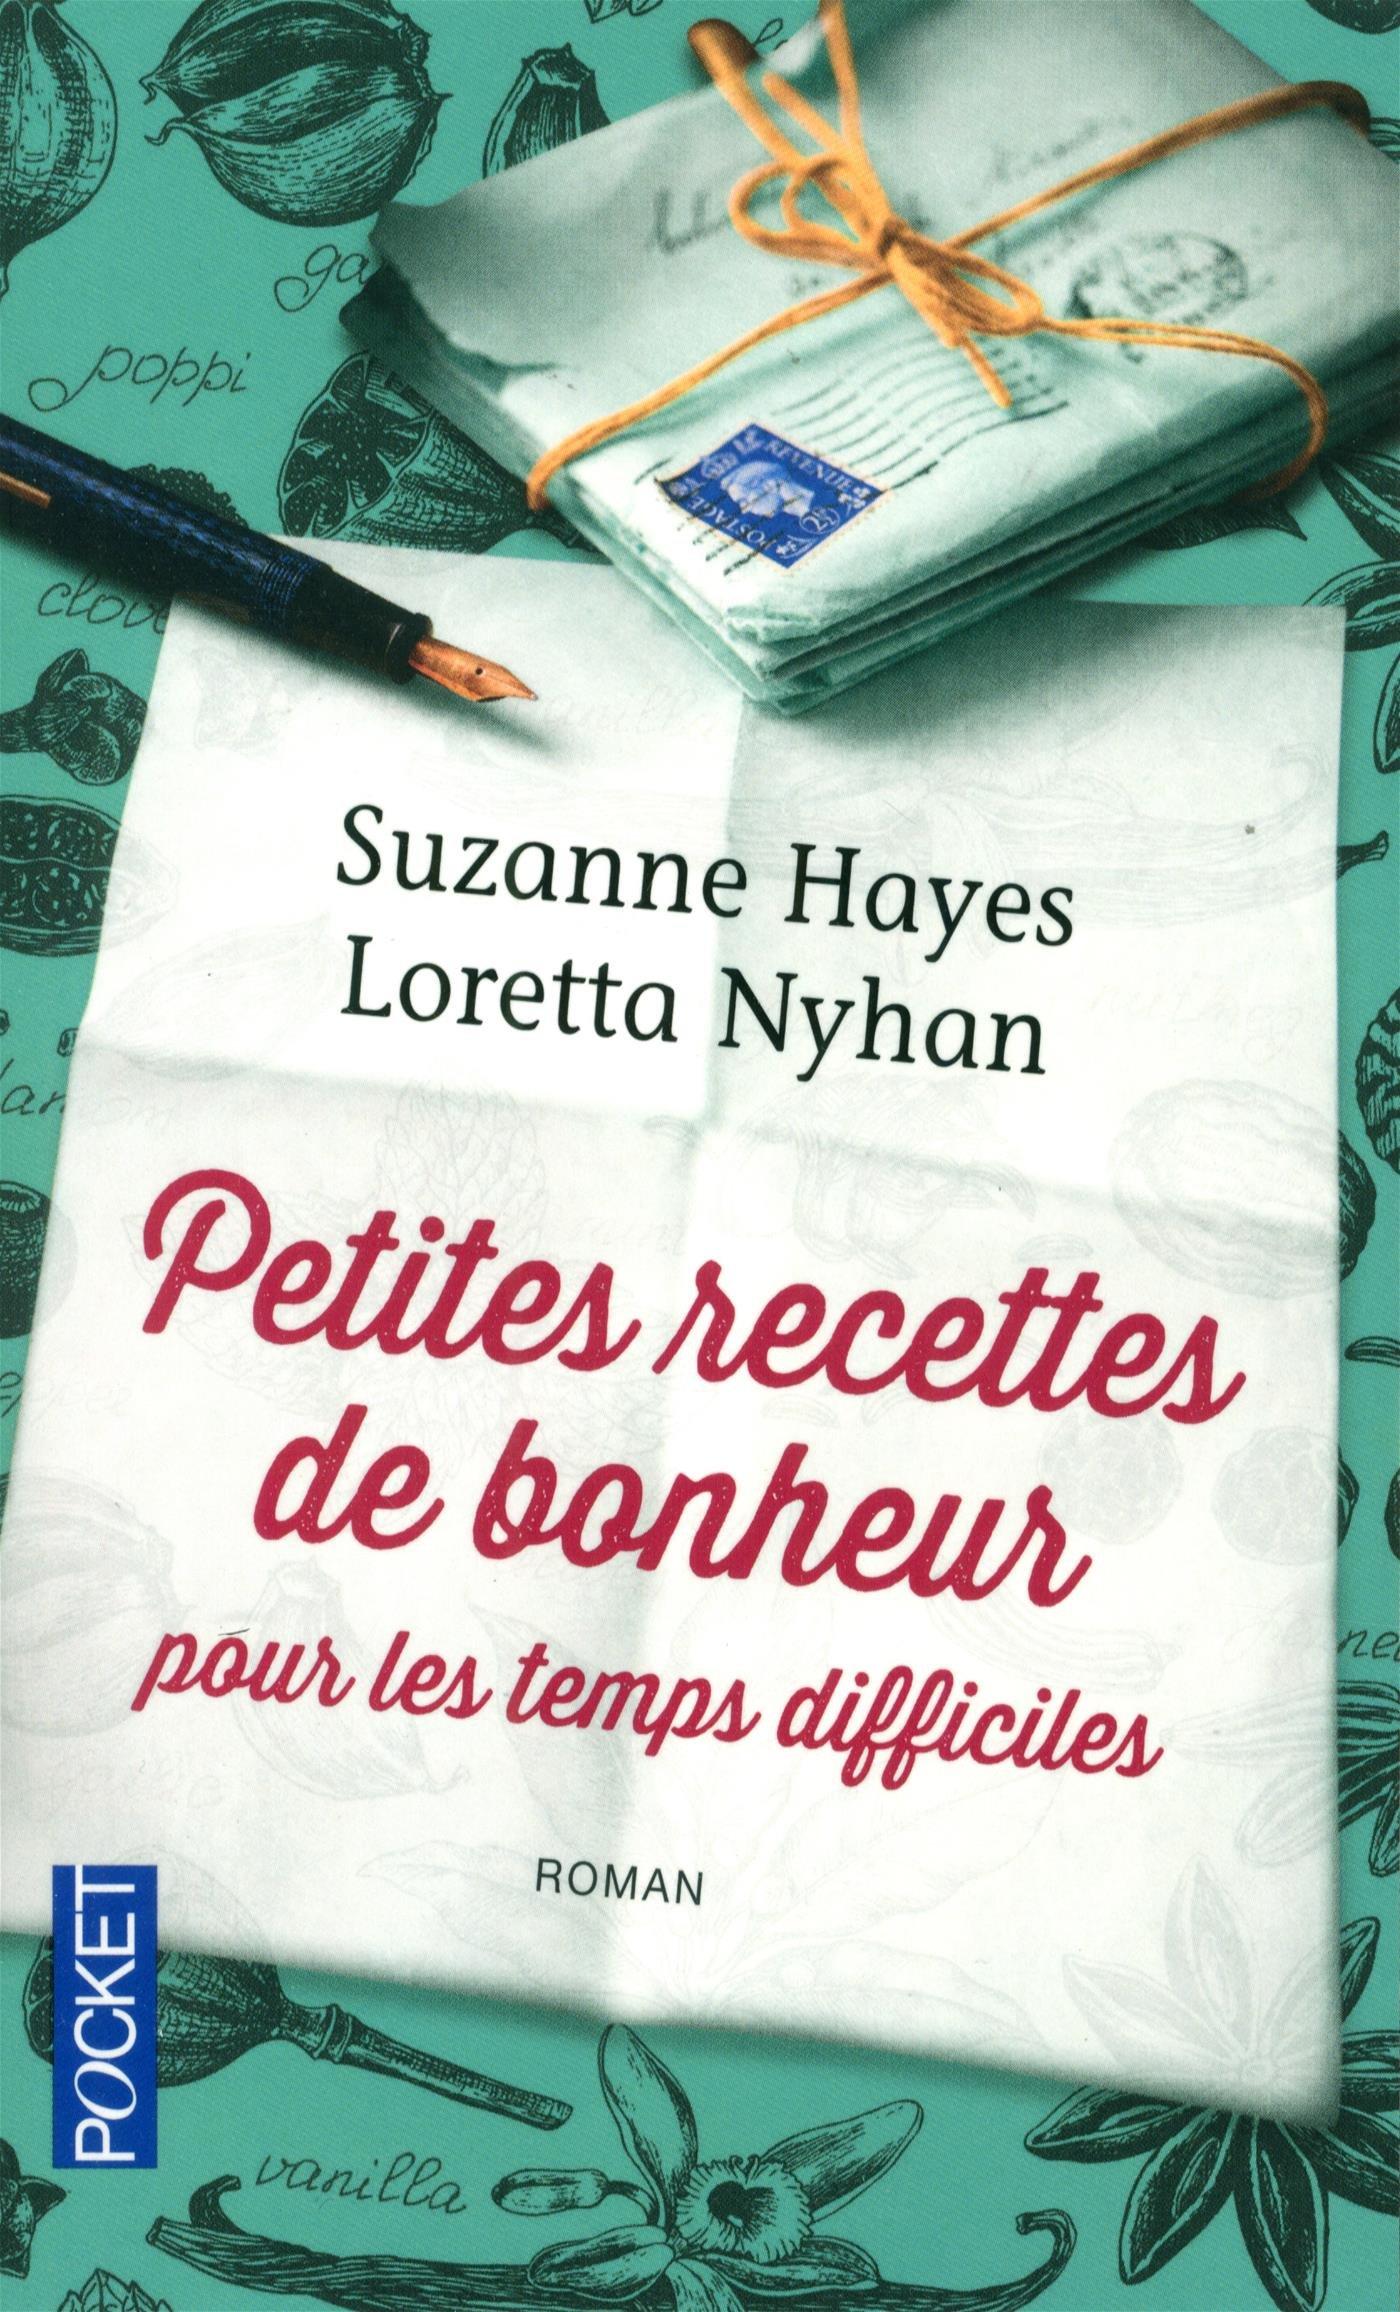 Suzanne Hayes - Petites recettes de bonheur pour les temps difficiles